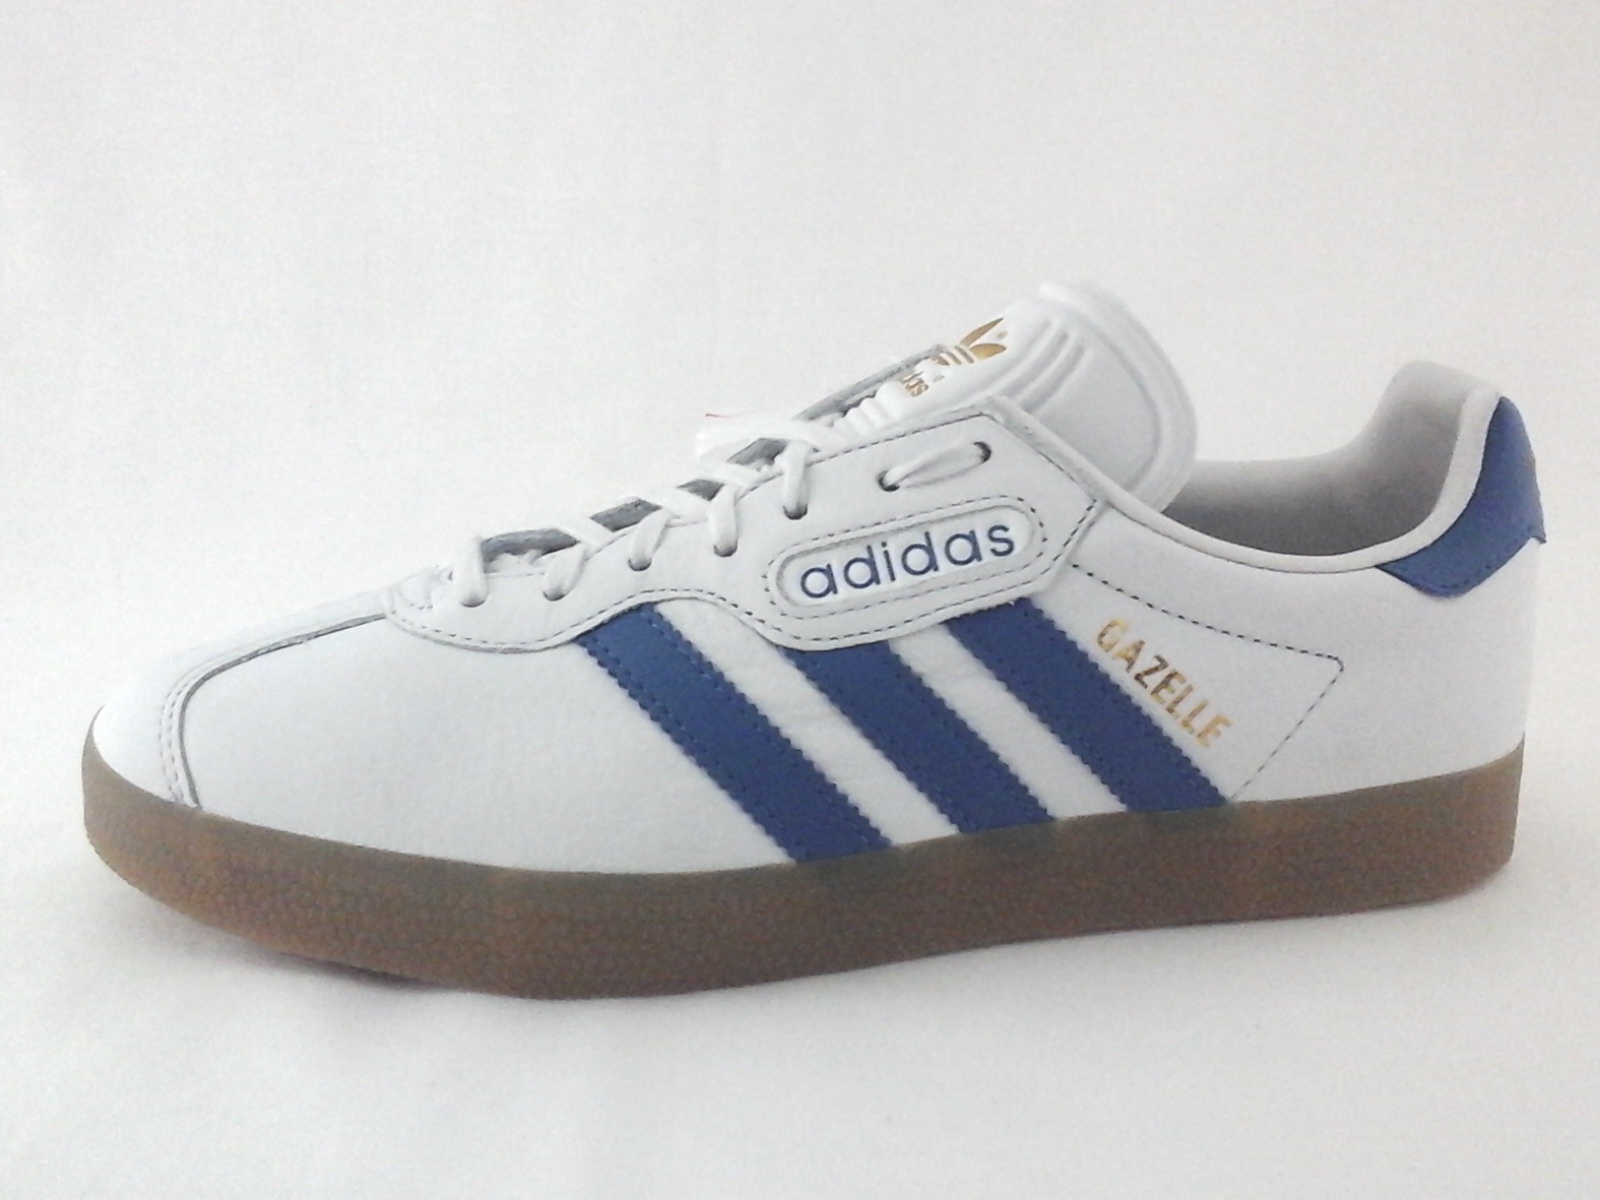 Pornografía salchicha perdonado  ADIDAS Gazelle Super Shoes Off White Blue Gum Soles CQ2798 Mens US 7 EU 40  New | eBay